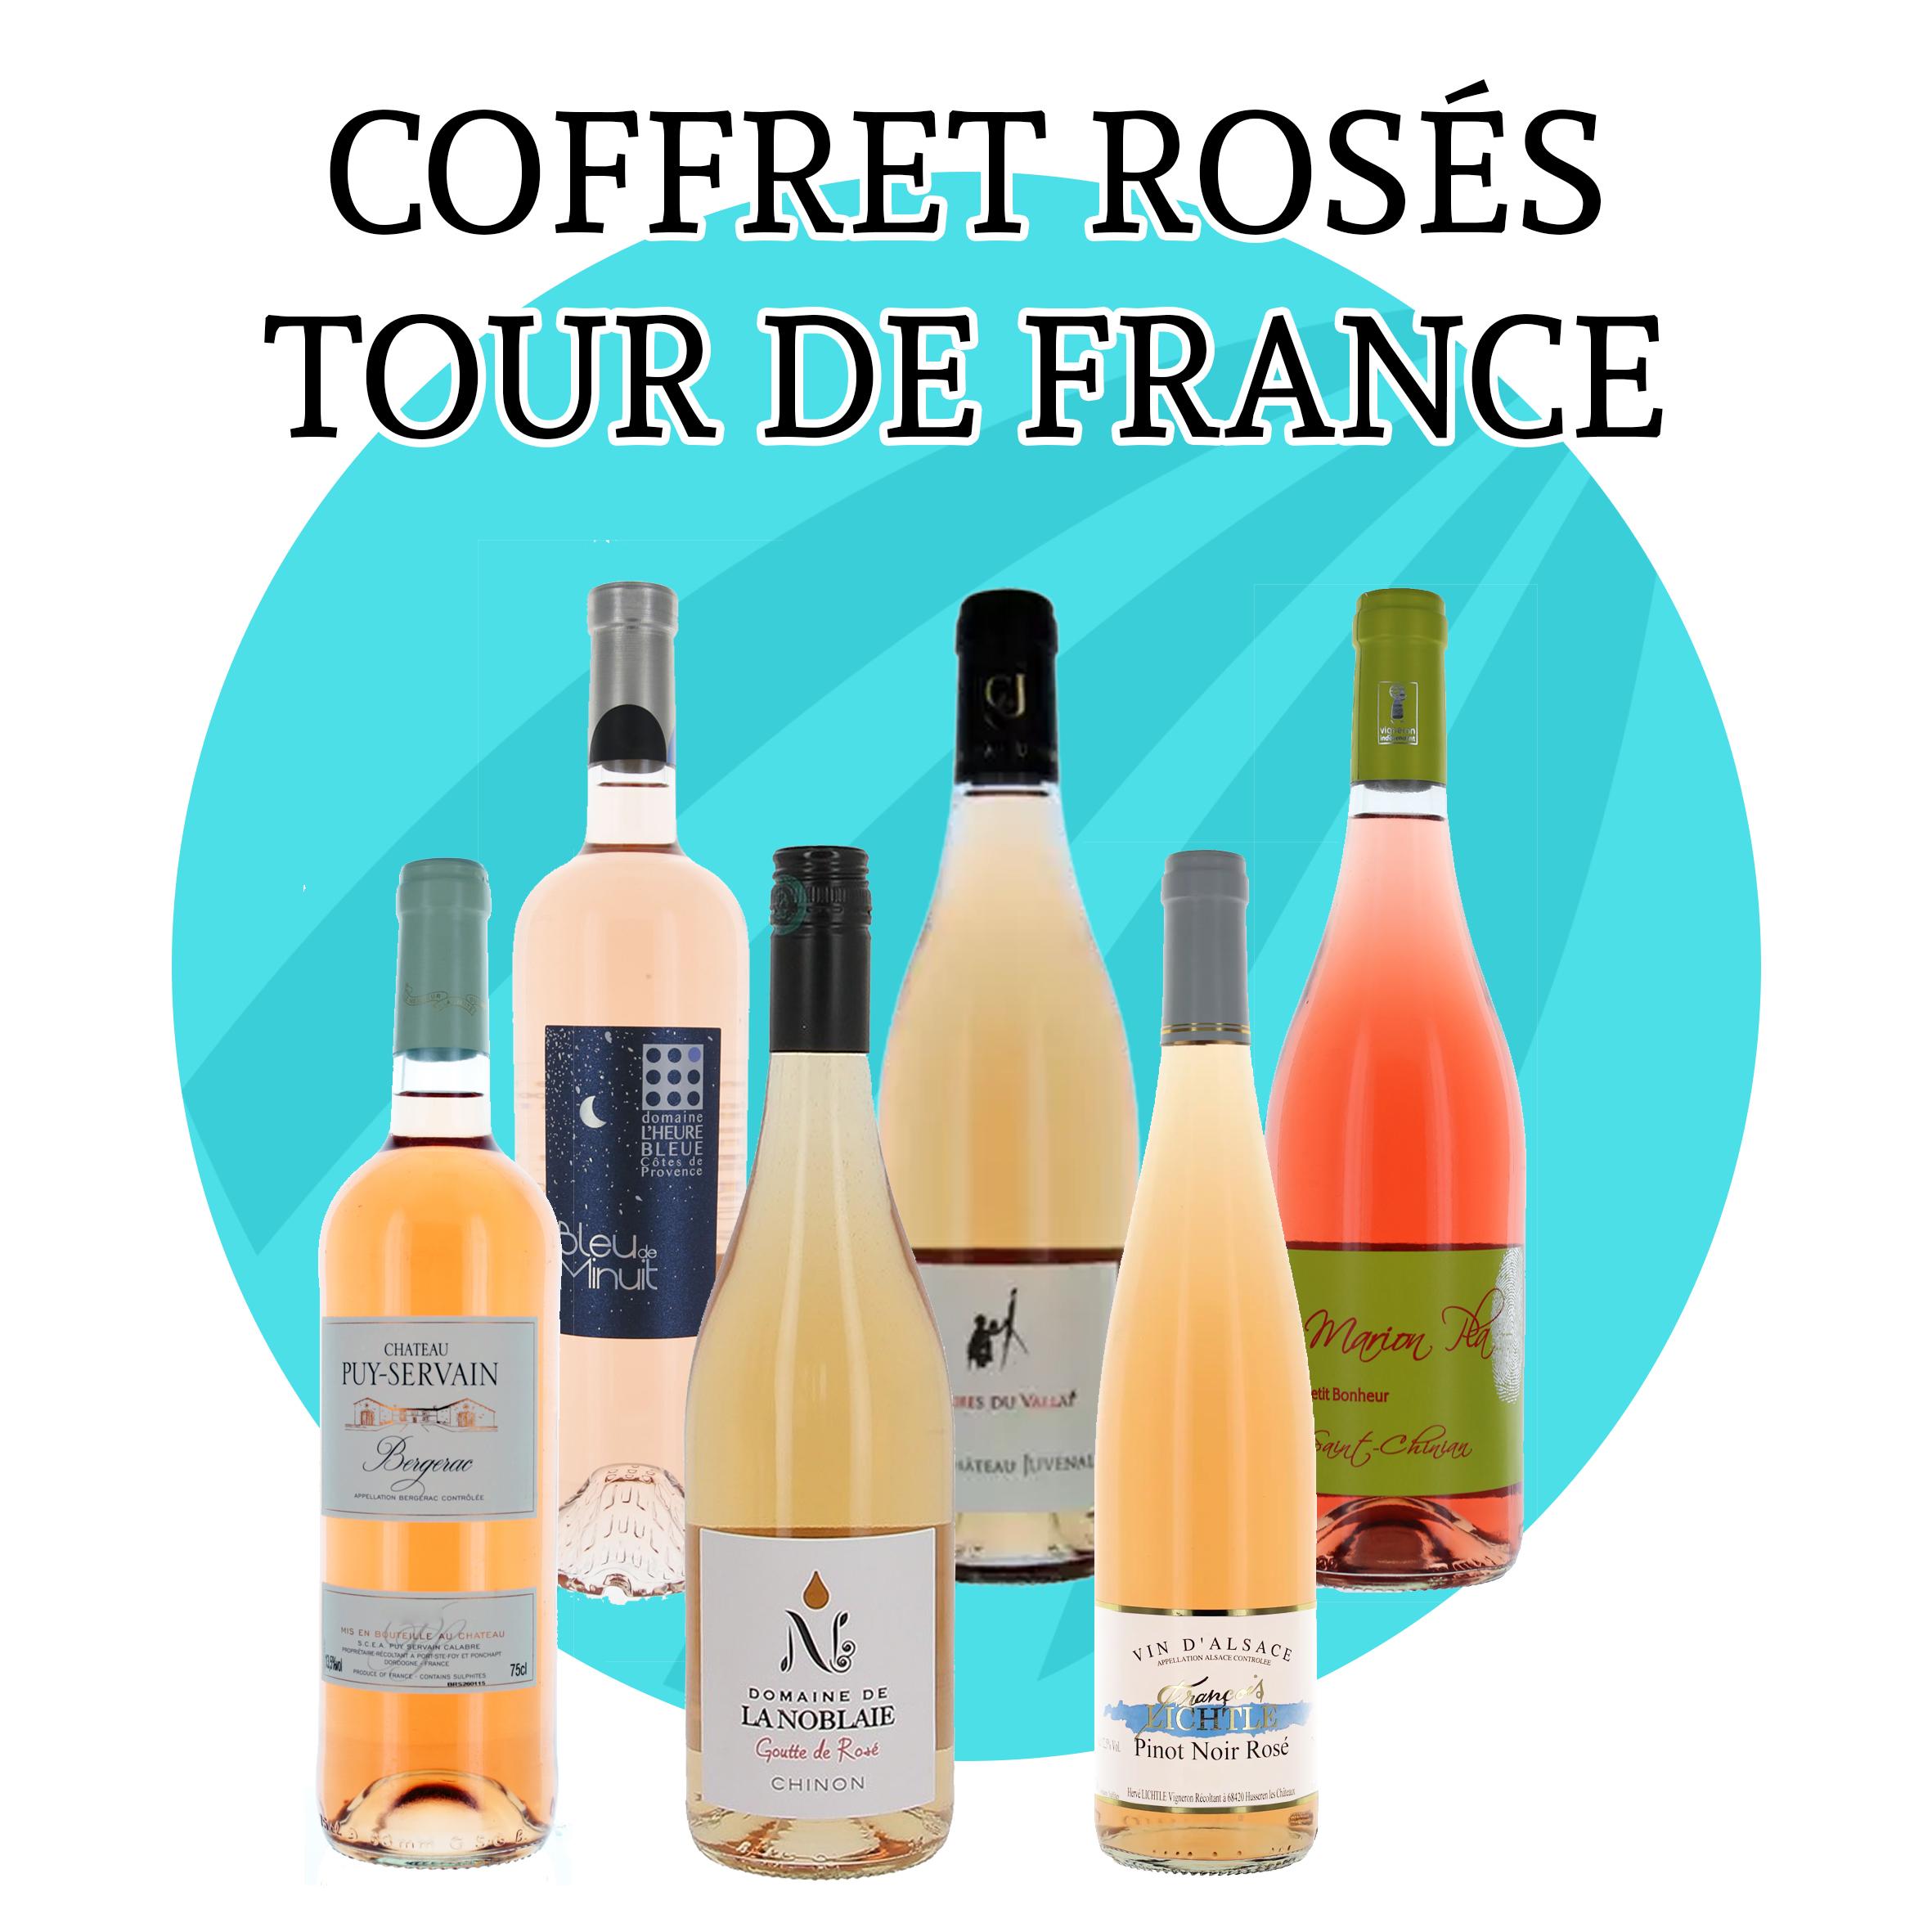 Coffret Rosé Tour de France - 6 bouteilles